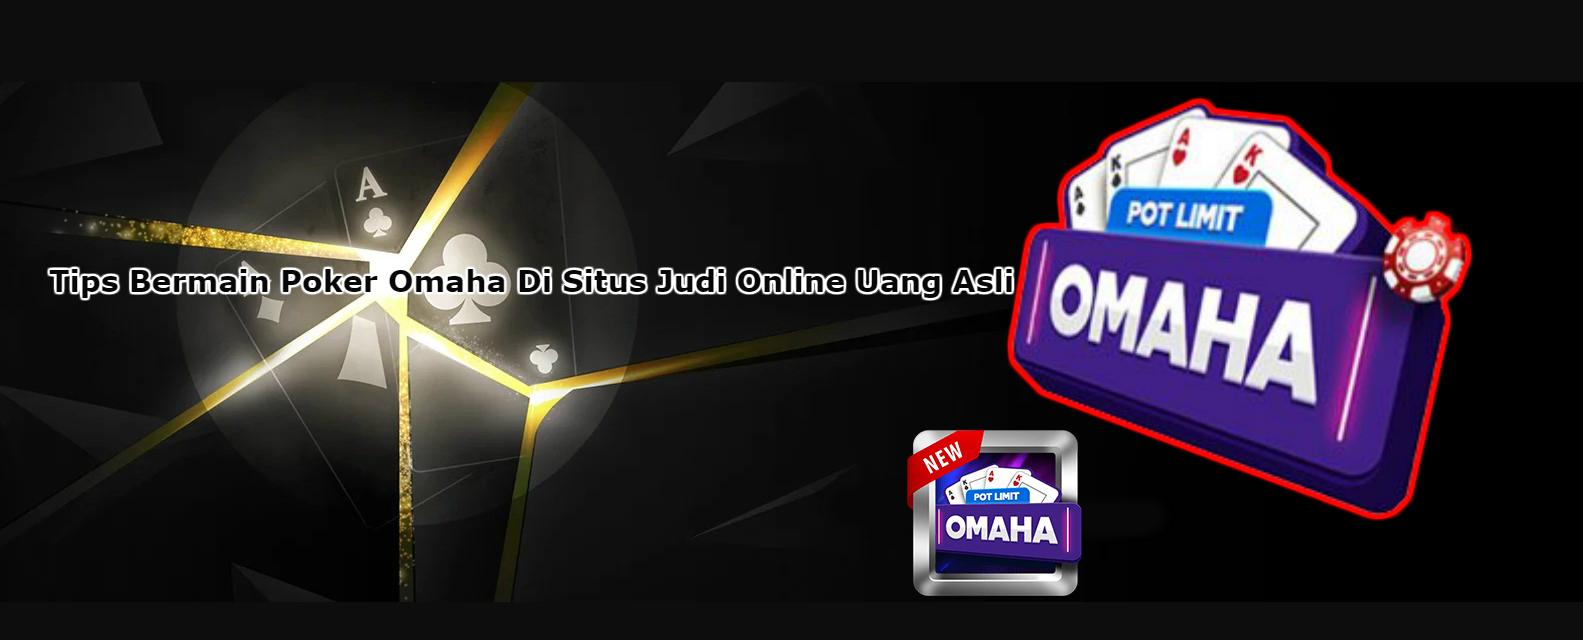 Tips Bermain Poker Omaha Di Situs Judi Online Uang Asli